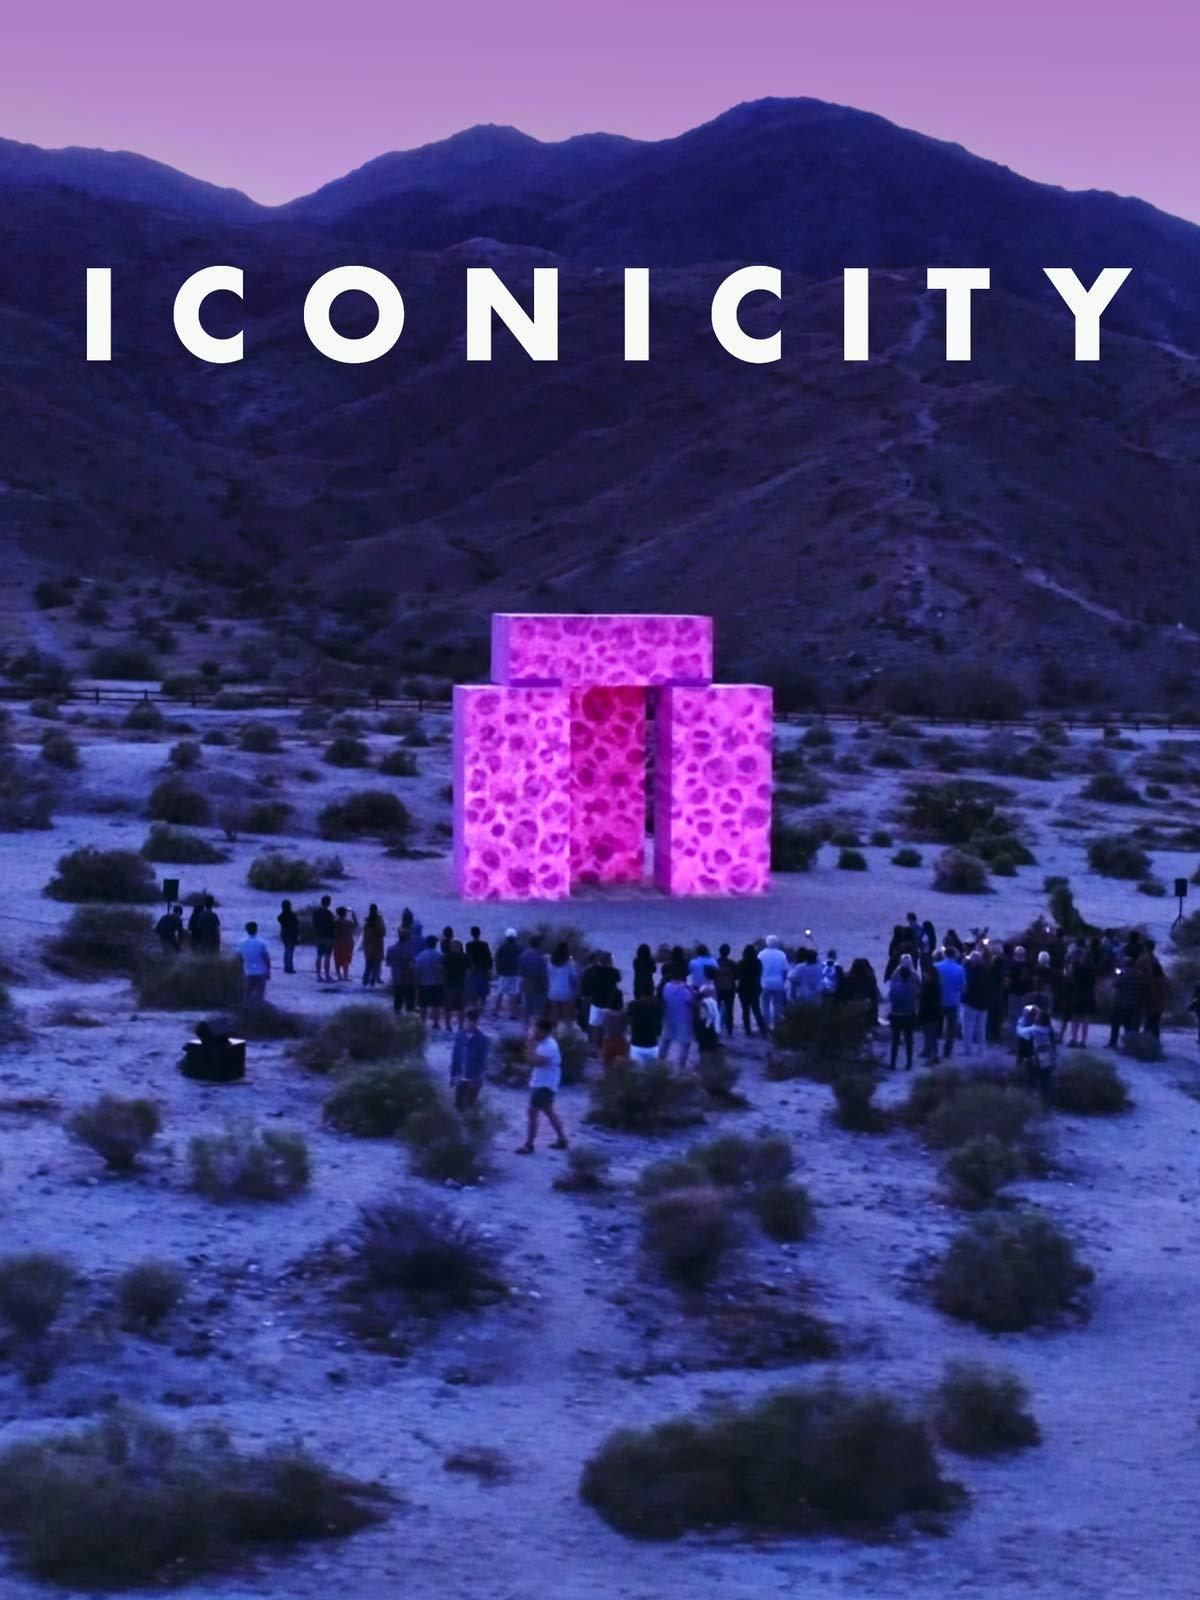 Iconicity